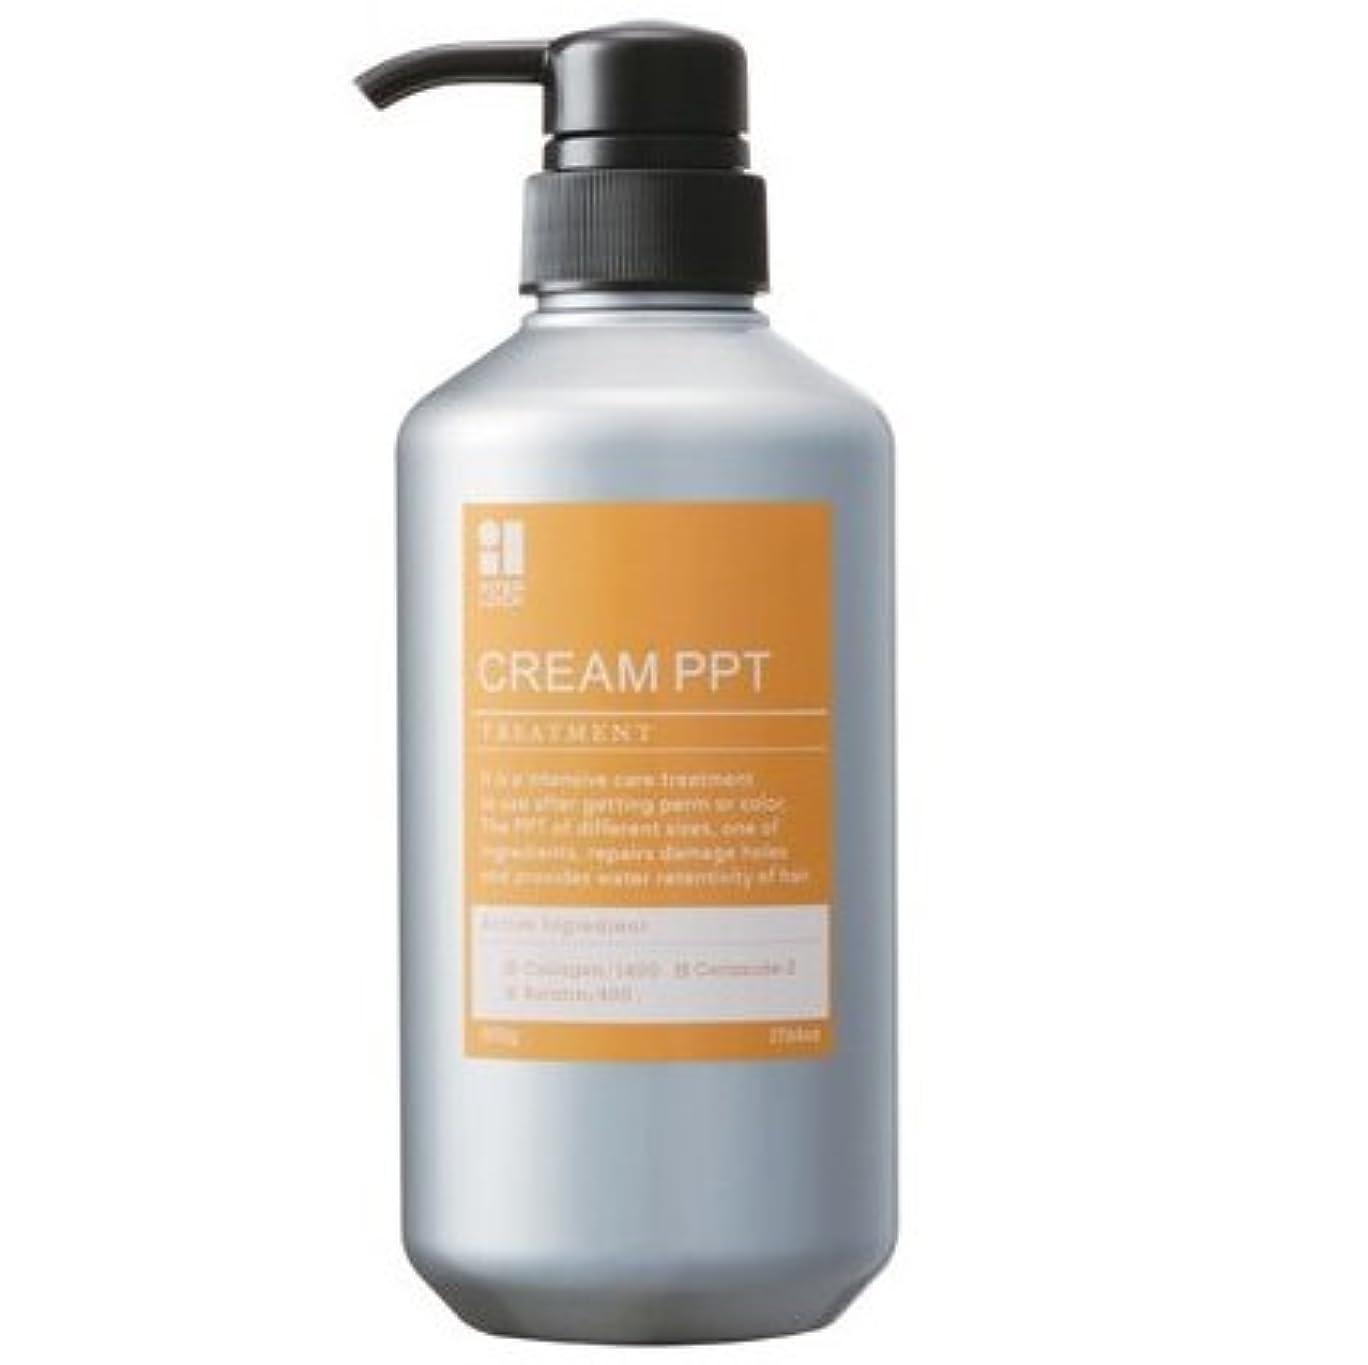 寸前ポジティブ尋ねる香栄化学 クリーム PPT S(トリートメント) 500g ポンプ